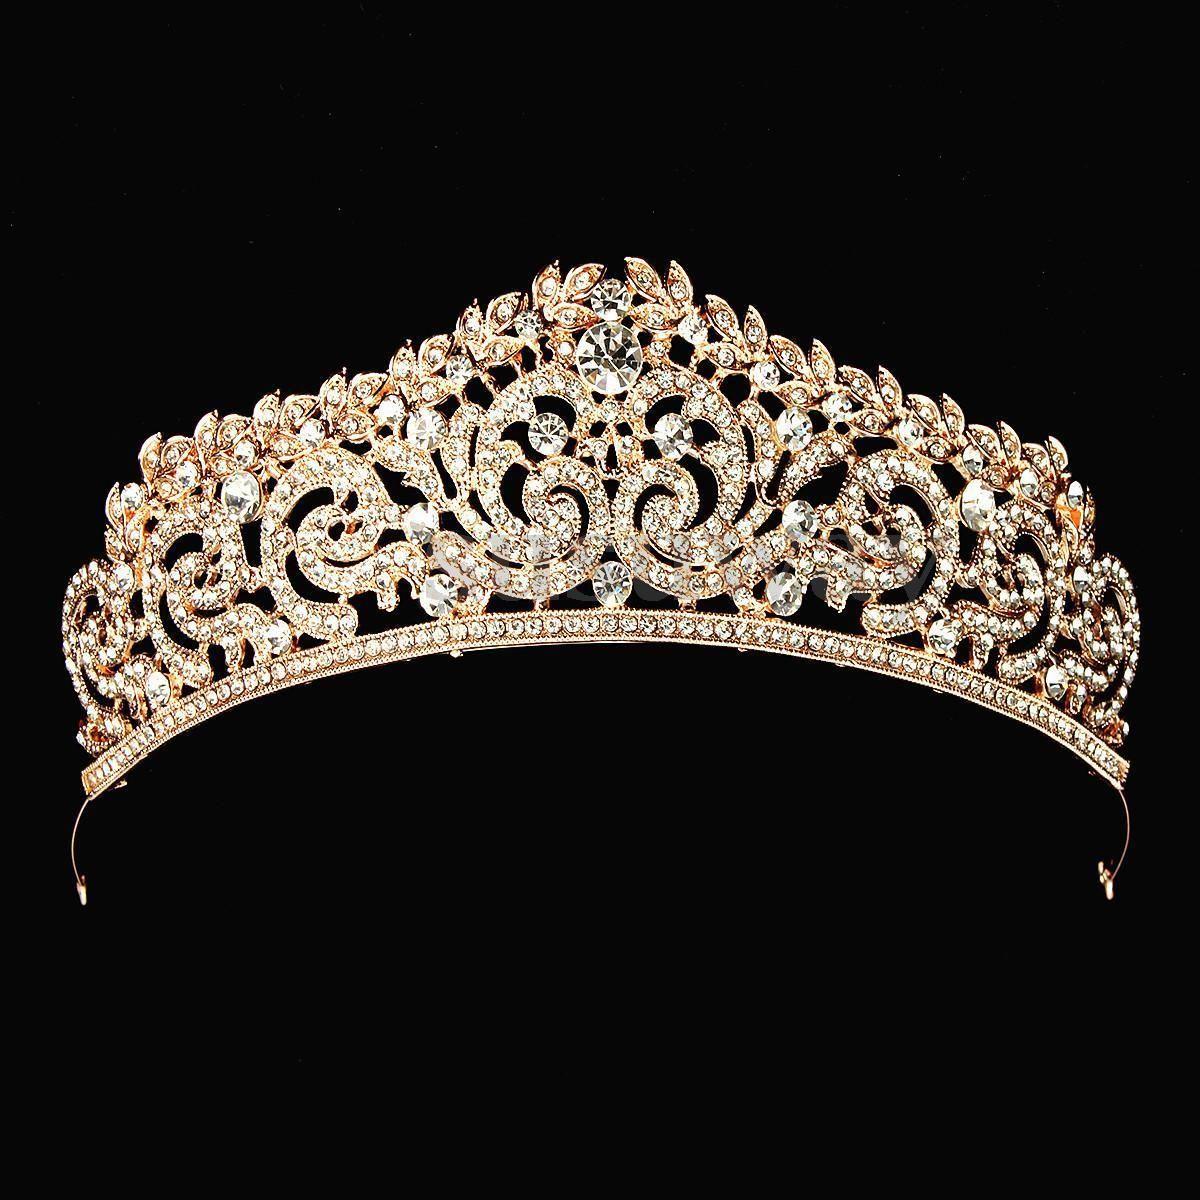 Wedding Silver Bridal Tiara Rhinestone Crystal Crown Pageant Prom Veil Headband